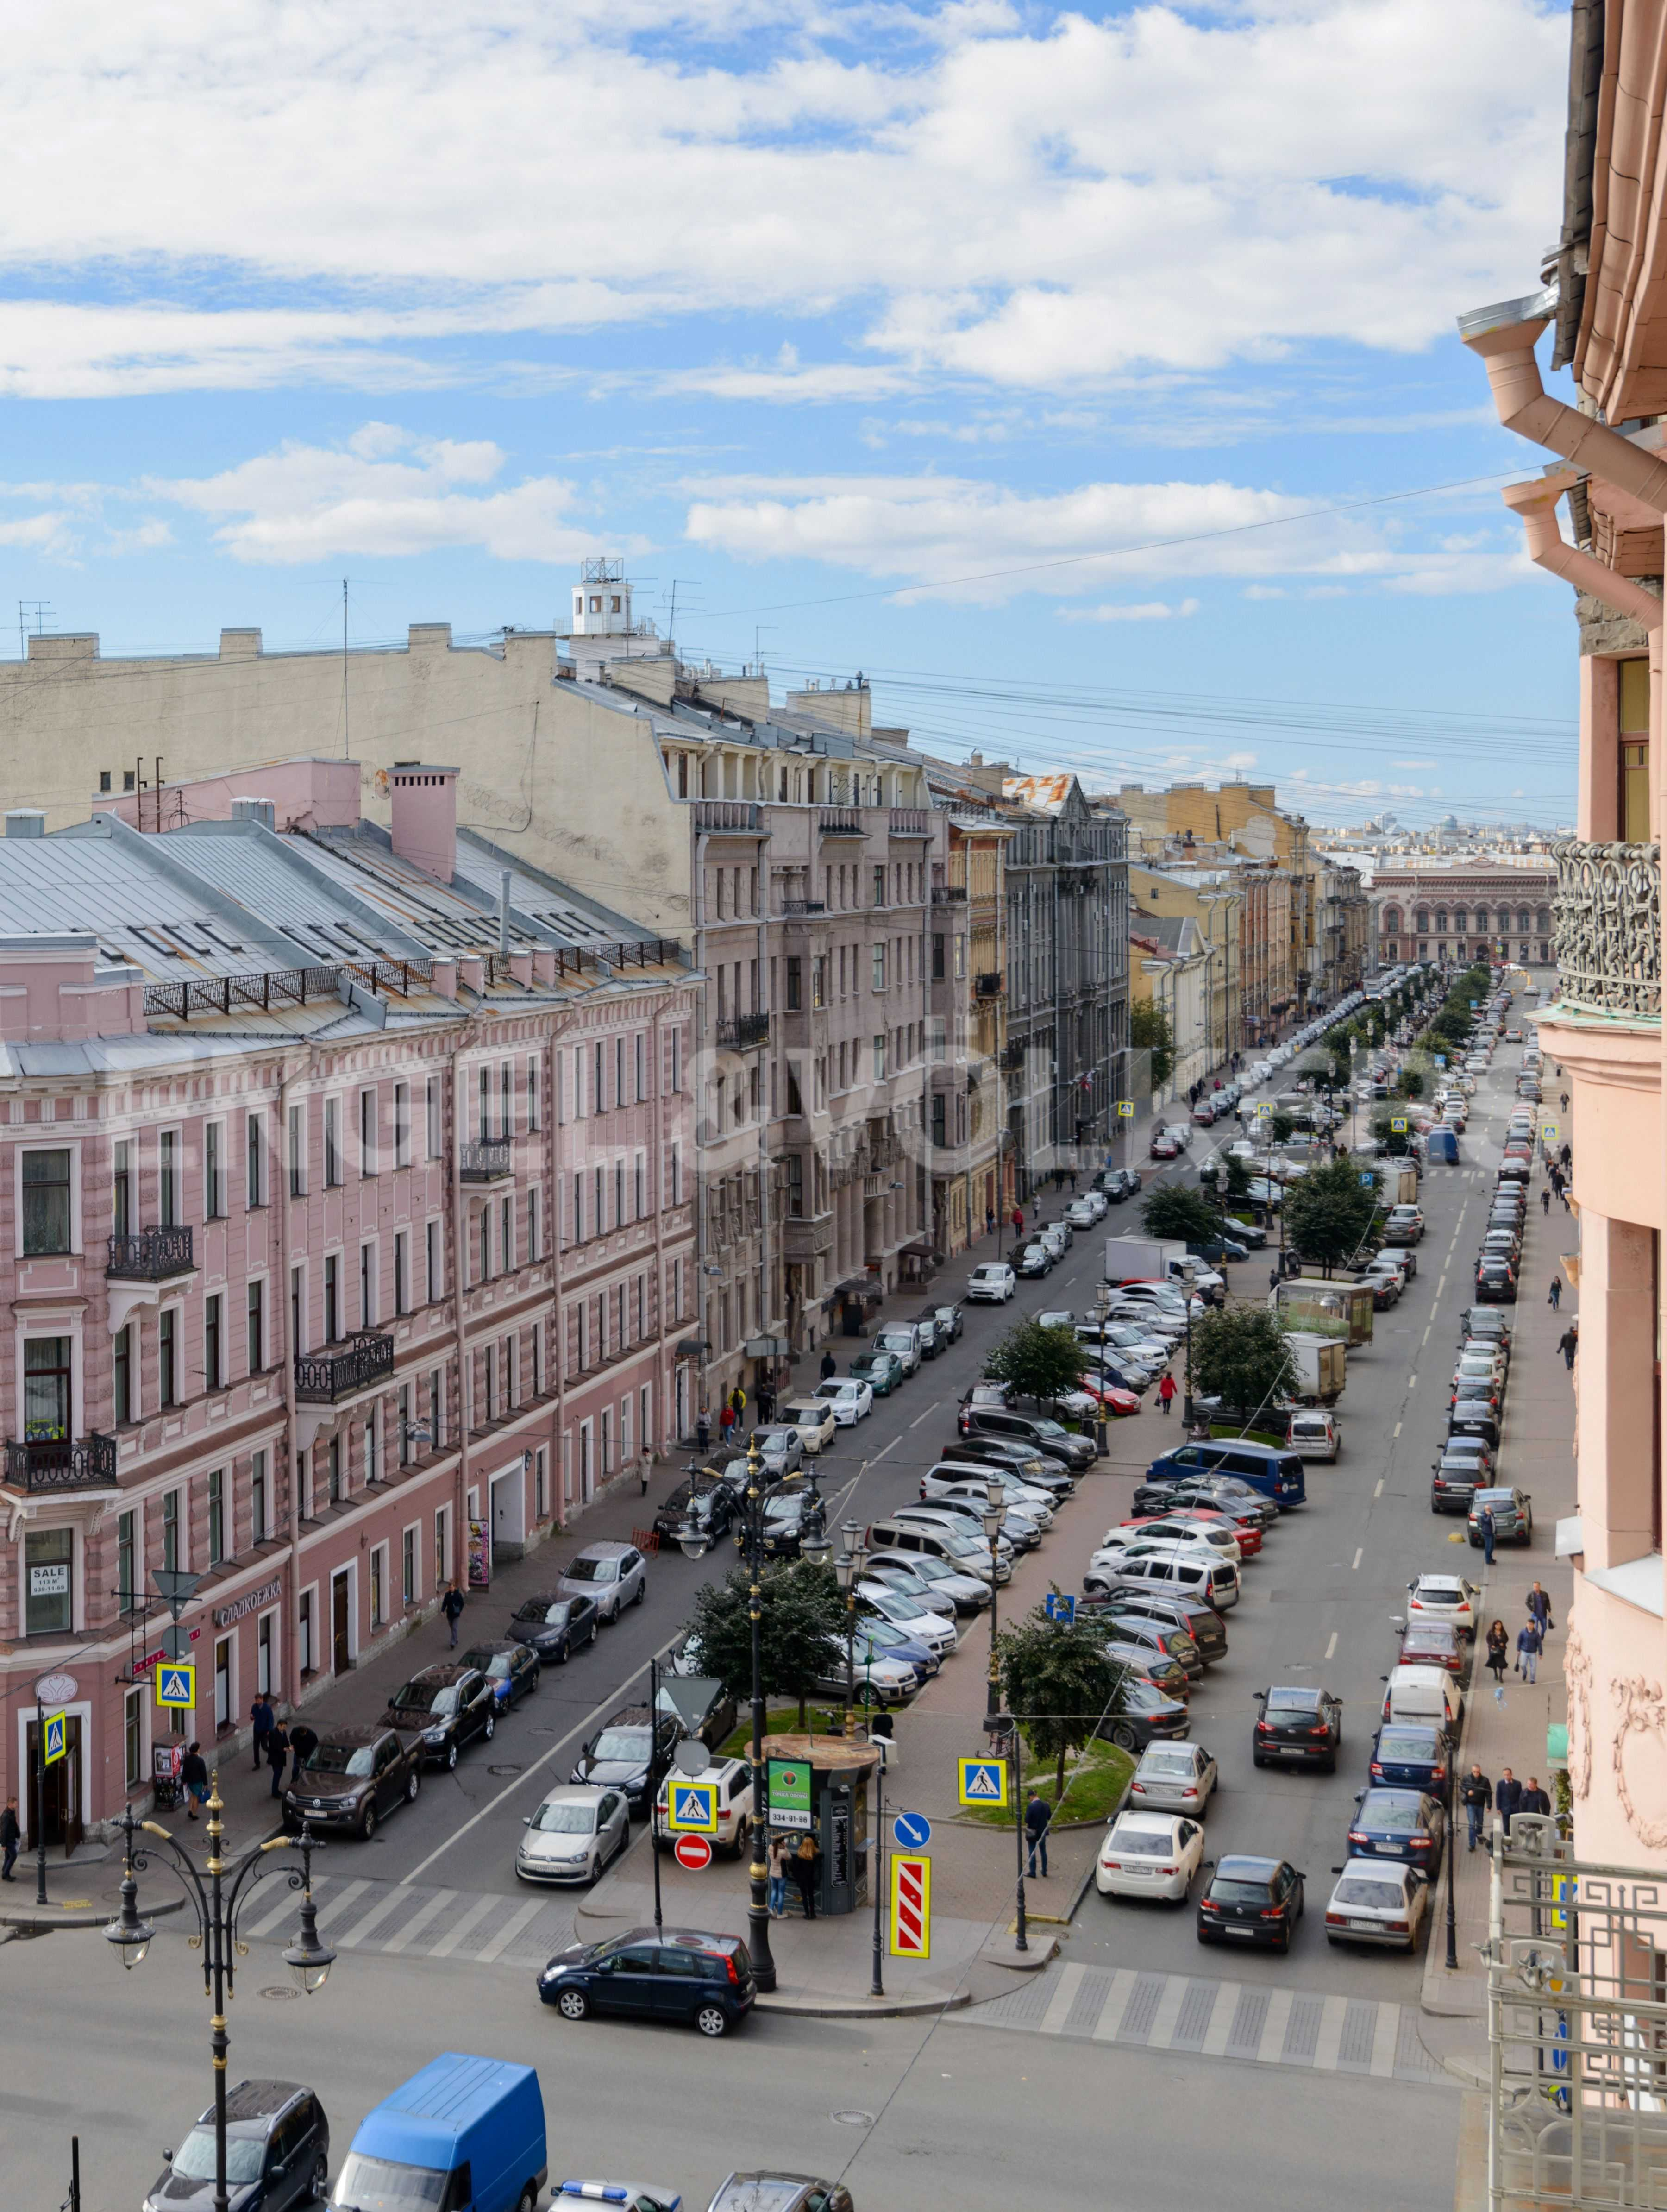 Элитные квартиры в Центральный р-н. Санкт-Петербург, Захарьевская, 16. Вид с балкона в сторону прогулочной зоны